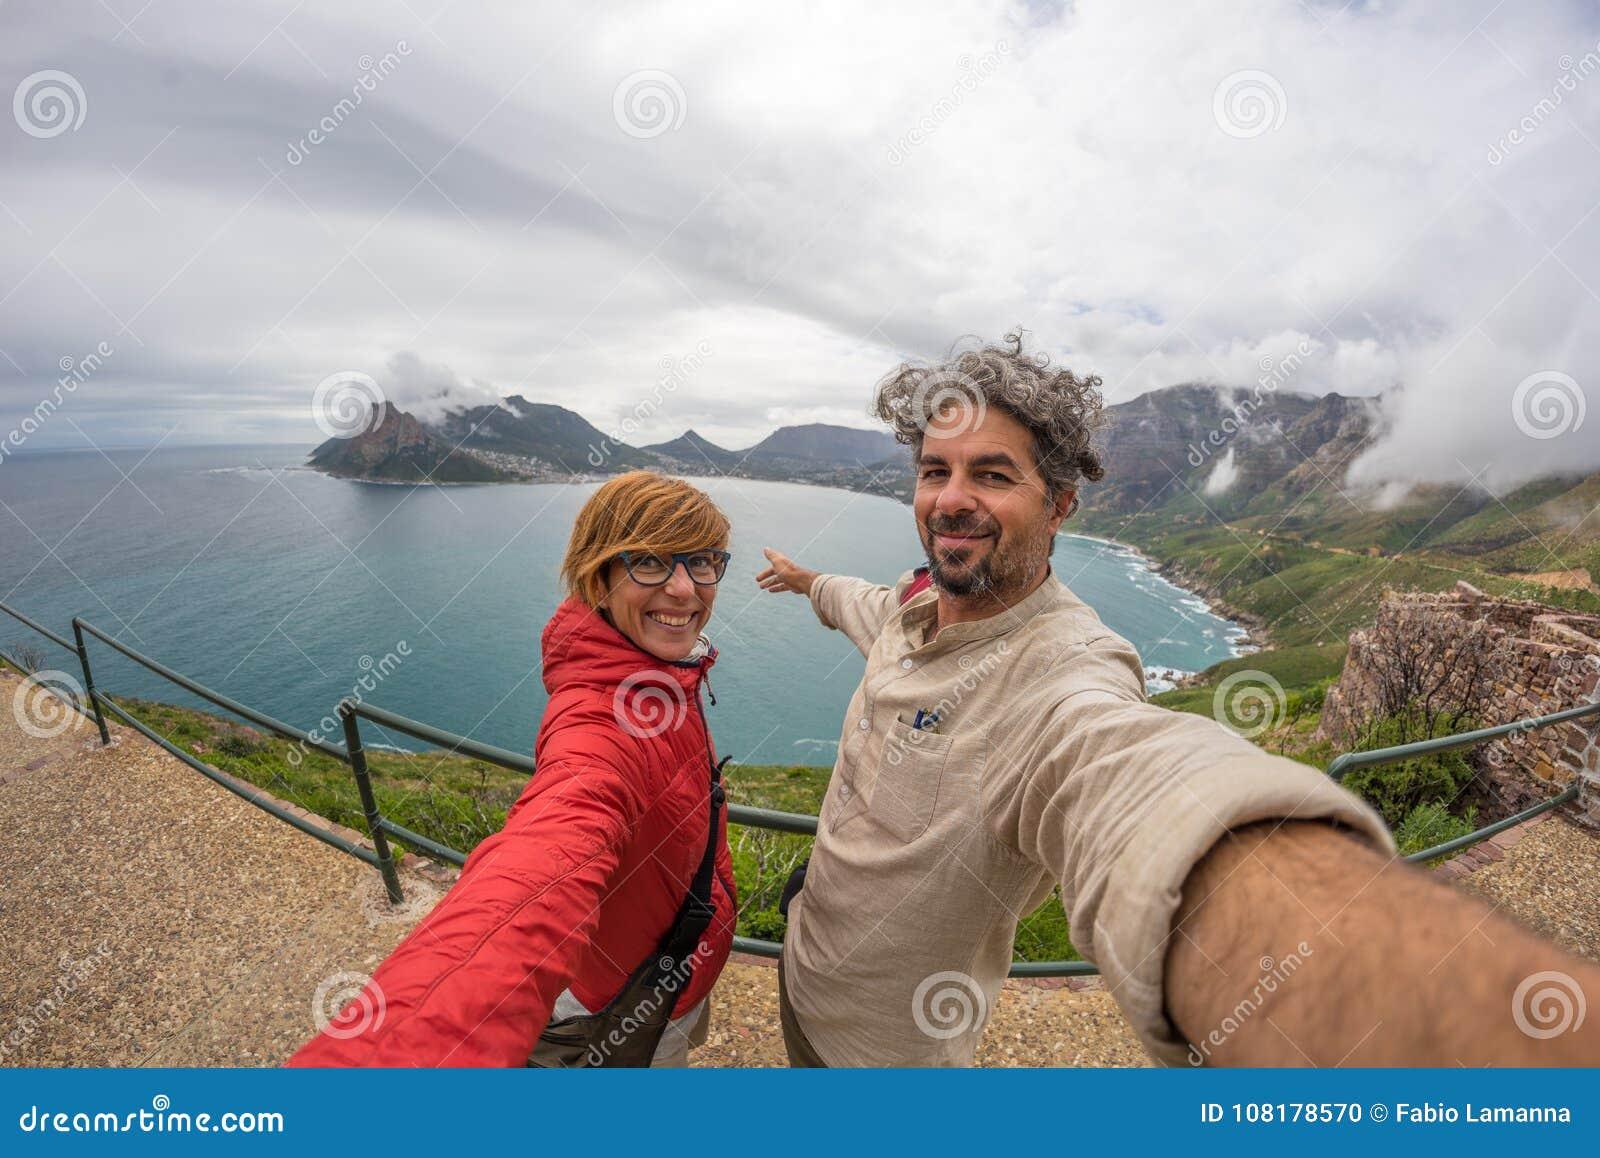 Acople o selfie no ponto do cabo, parque nacional da montanha da tabela, destino cênico do curso em África do Sul Opinião de Fish